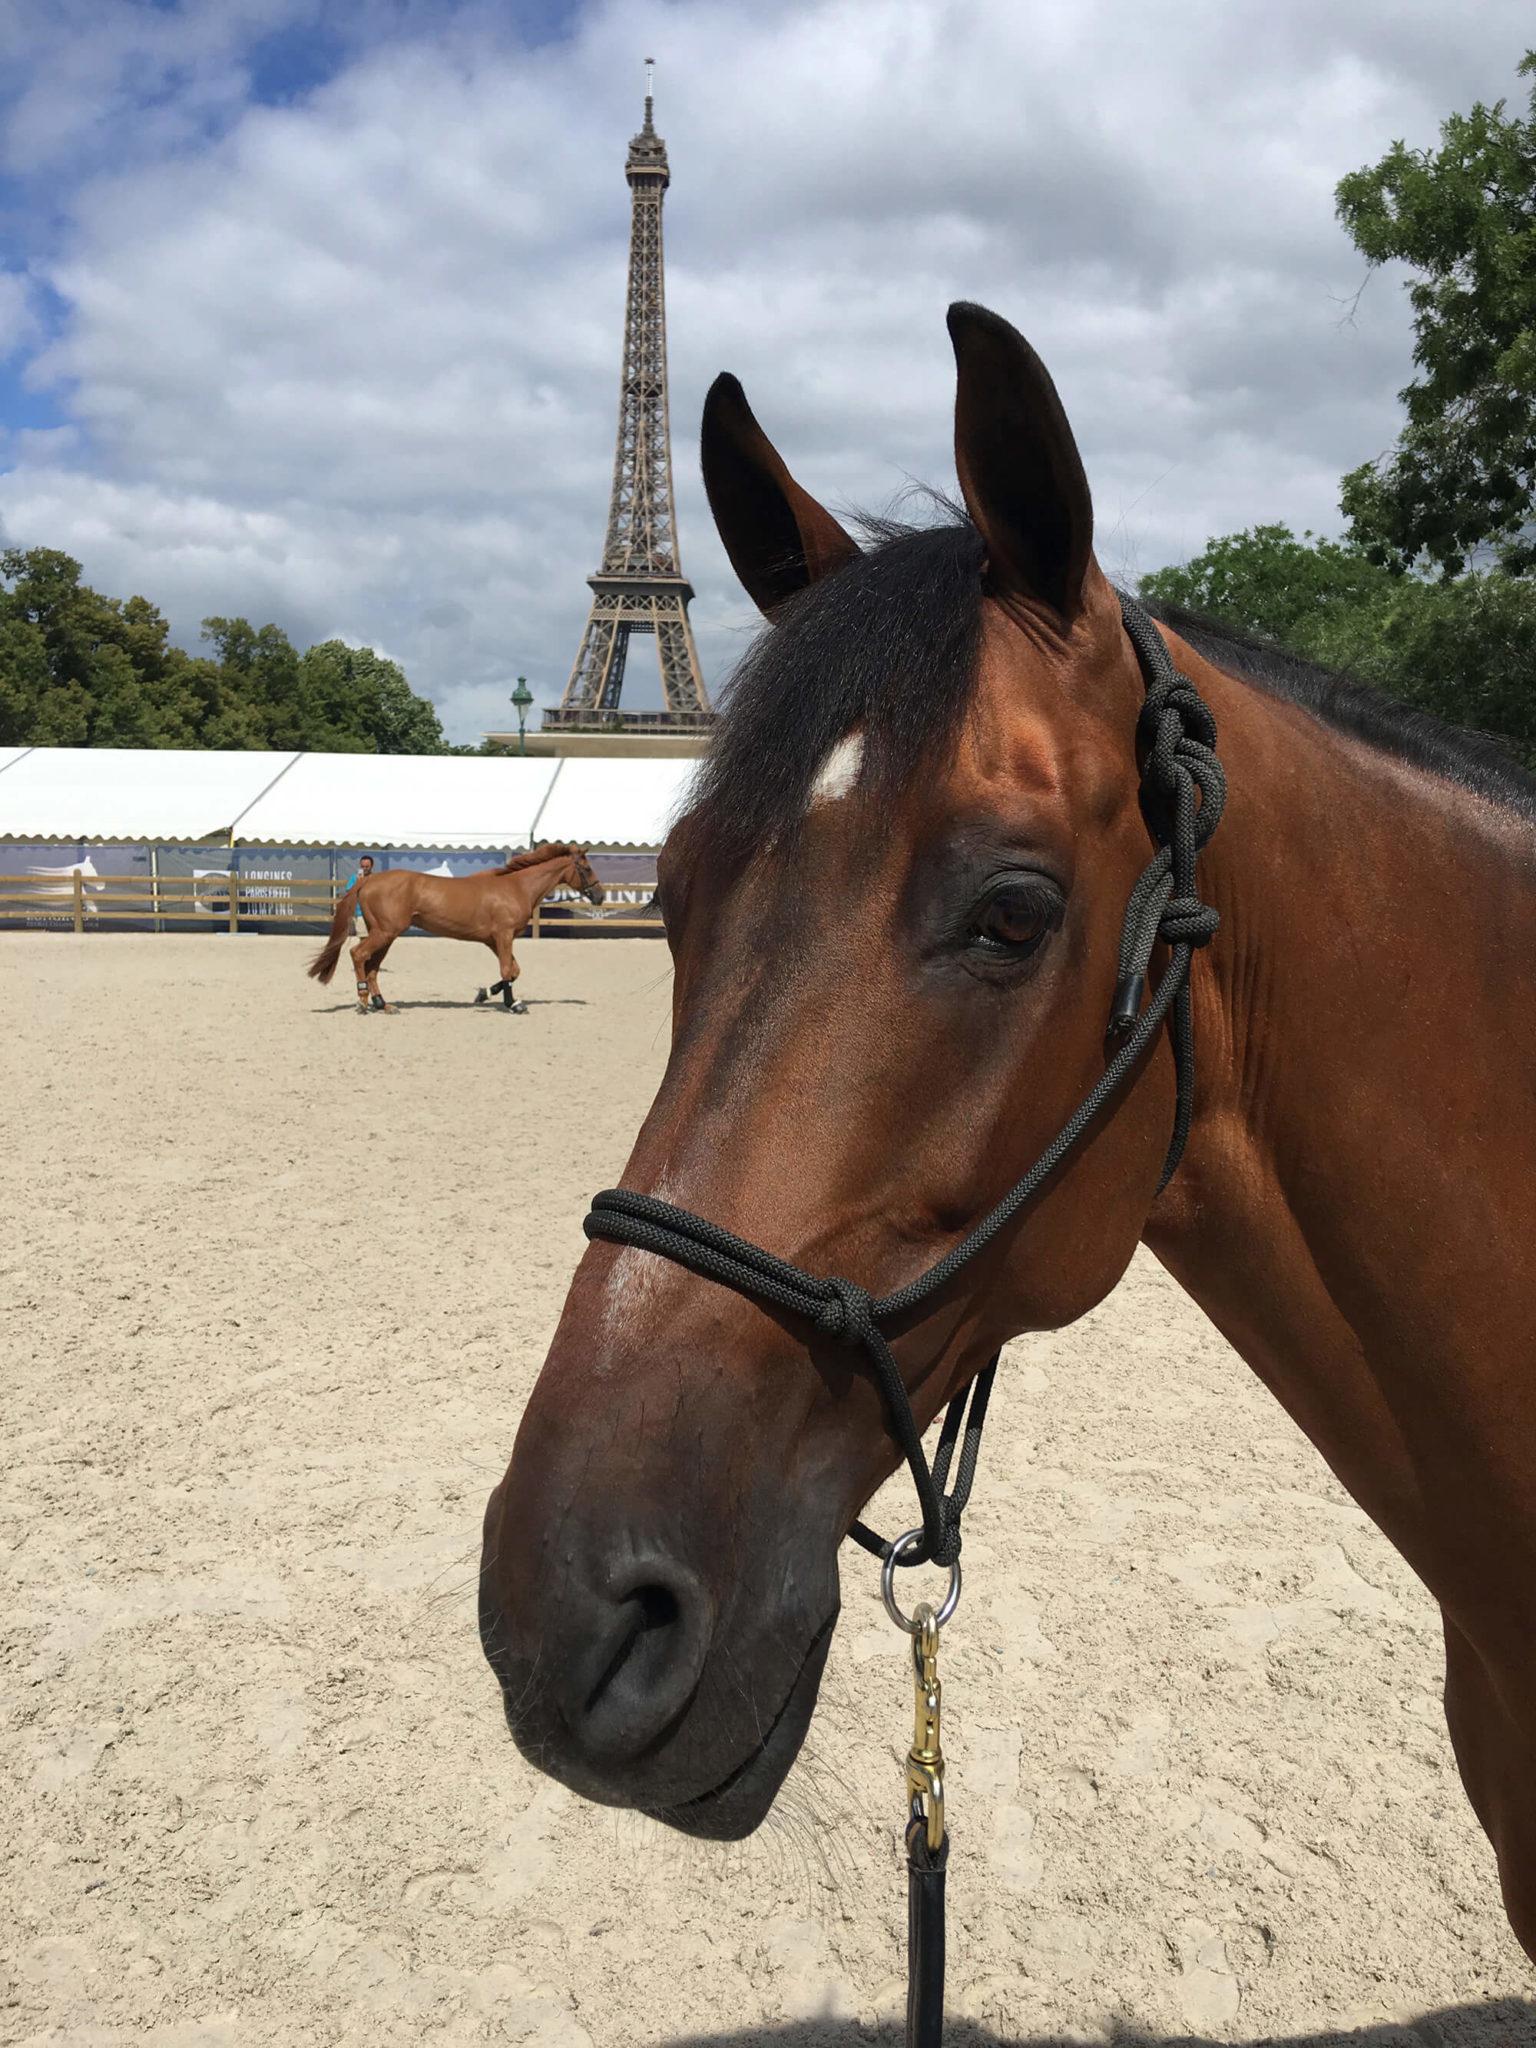 En häst fotas med Eiffeltornet i bakgrunden